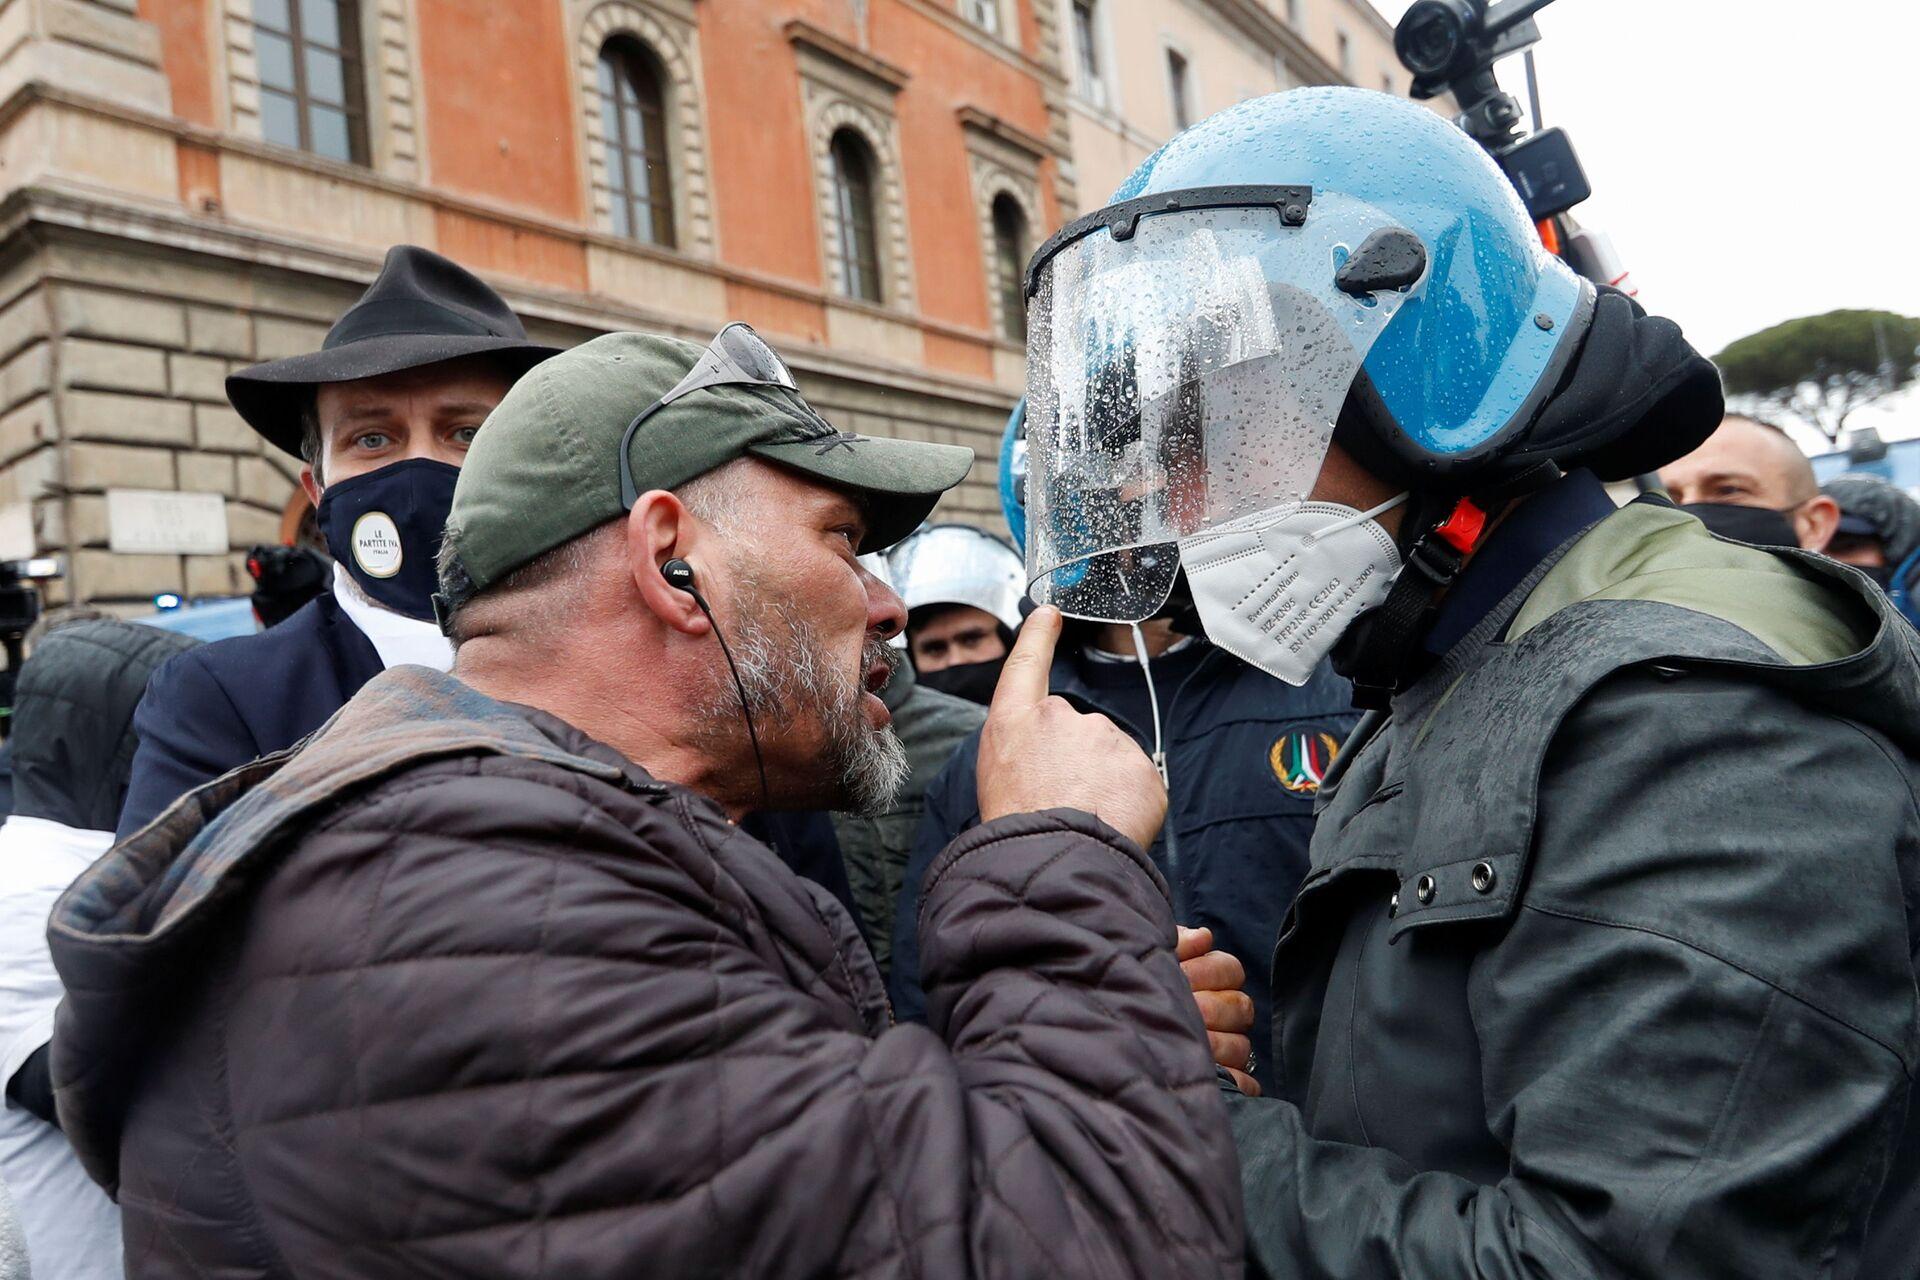 Scontri tra polizia e manifestanti durante le proteste dei ristoratori a Roma, 13 aprile 2021 - Sputnik Italia, 1920, 18.05.2021